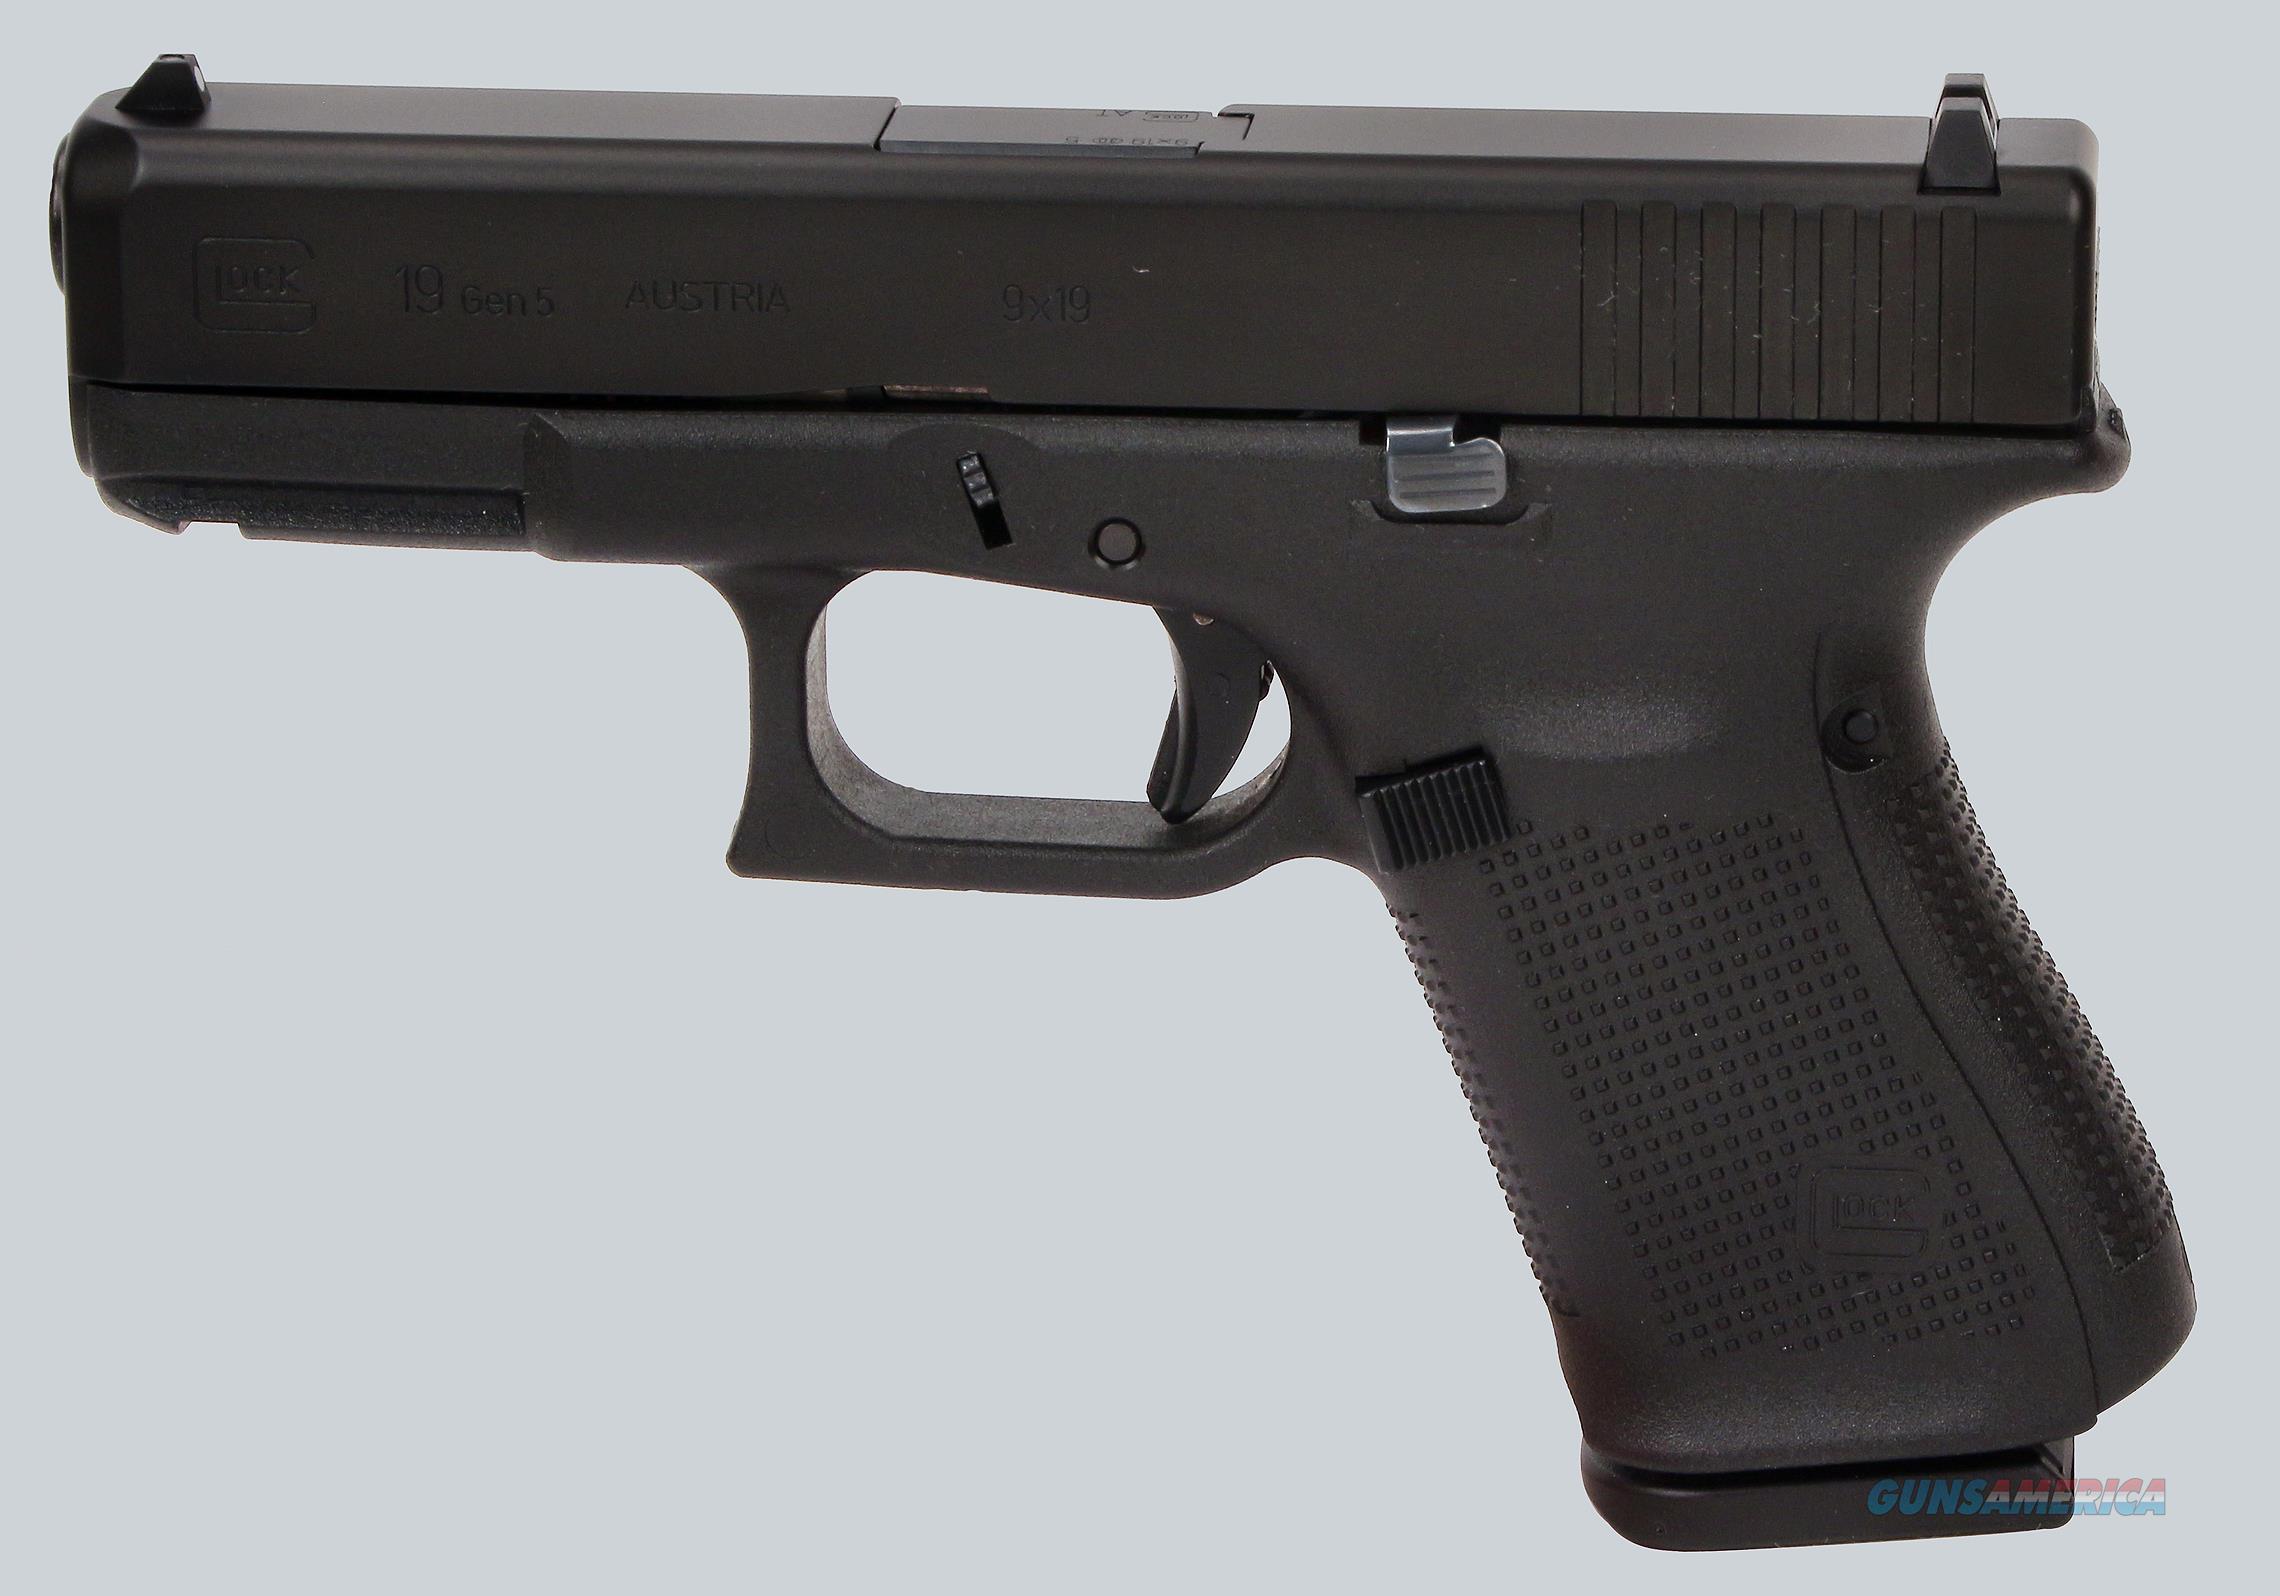 Glock 9mm Model 19 Gen 5 Pistol  Guns > Pistols > Glock Pistols > 19/19X